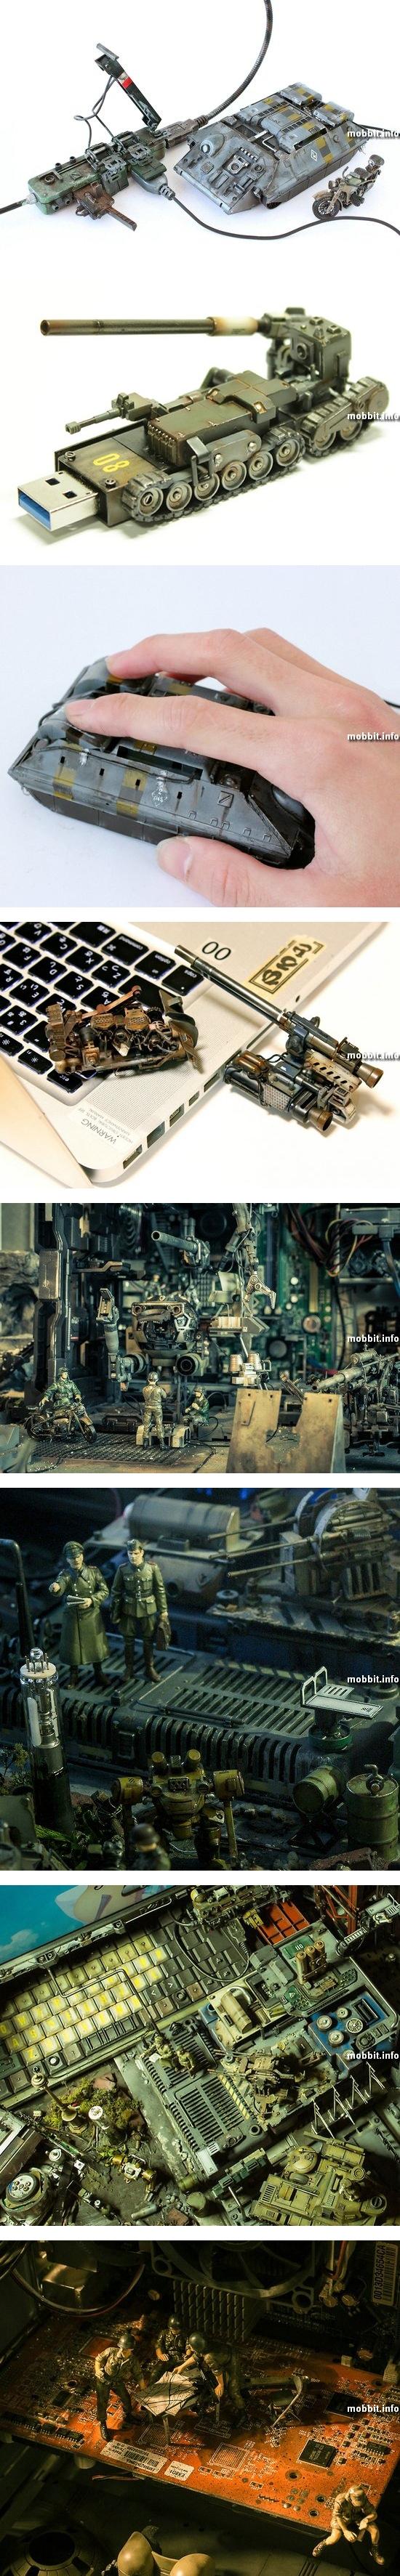 Моддинг: потрясающий компьютер в виде секретной военной базы